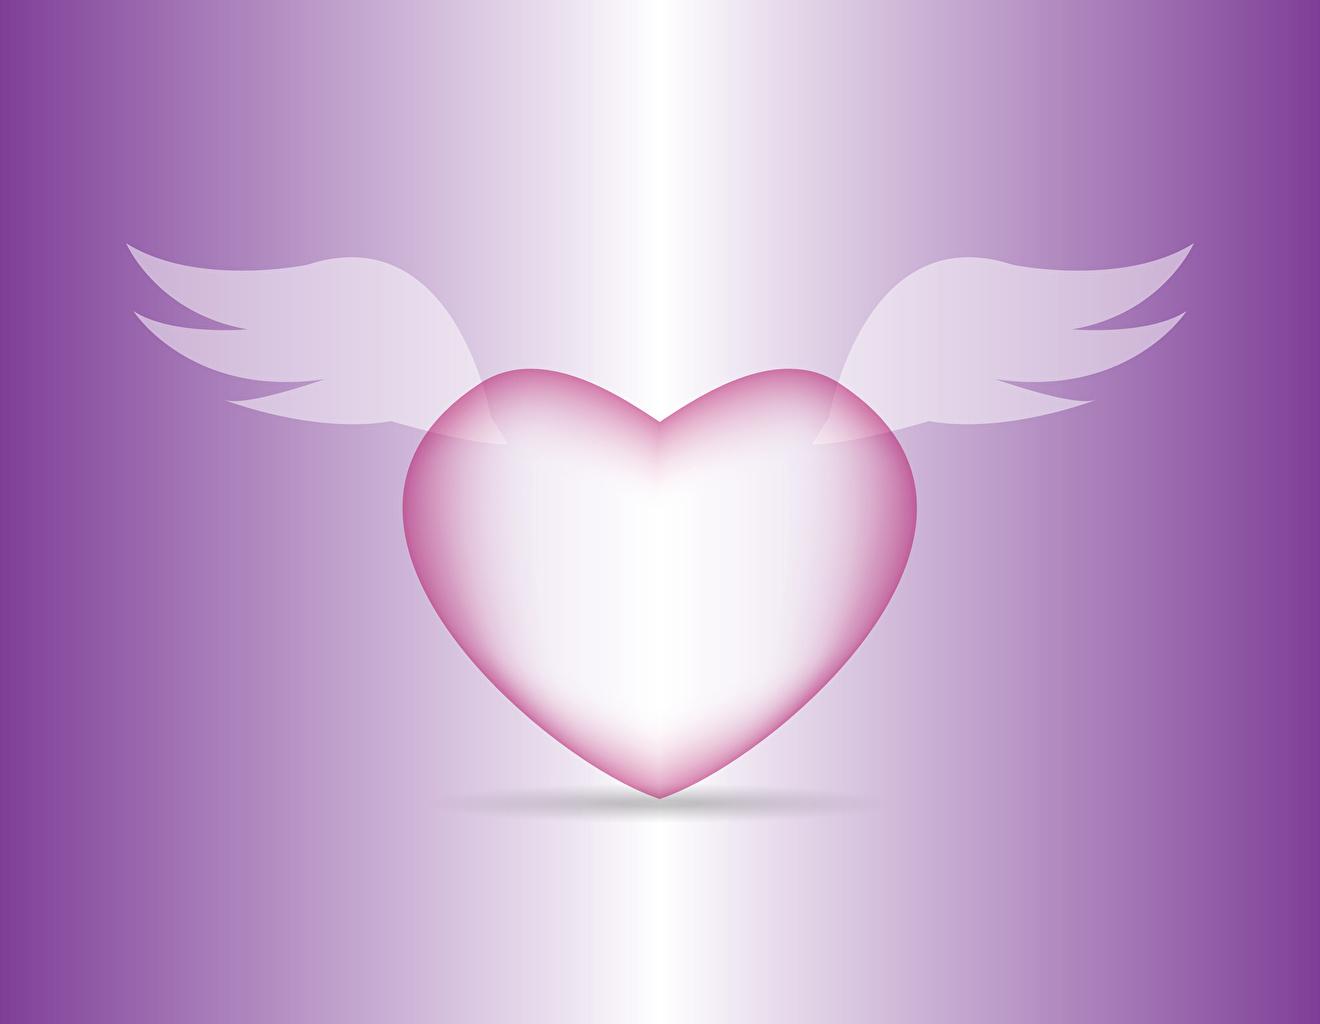 Фото День всех влюблённых сердечко Крылья Цветной фон День святого Валентина Сердце